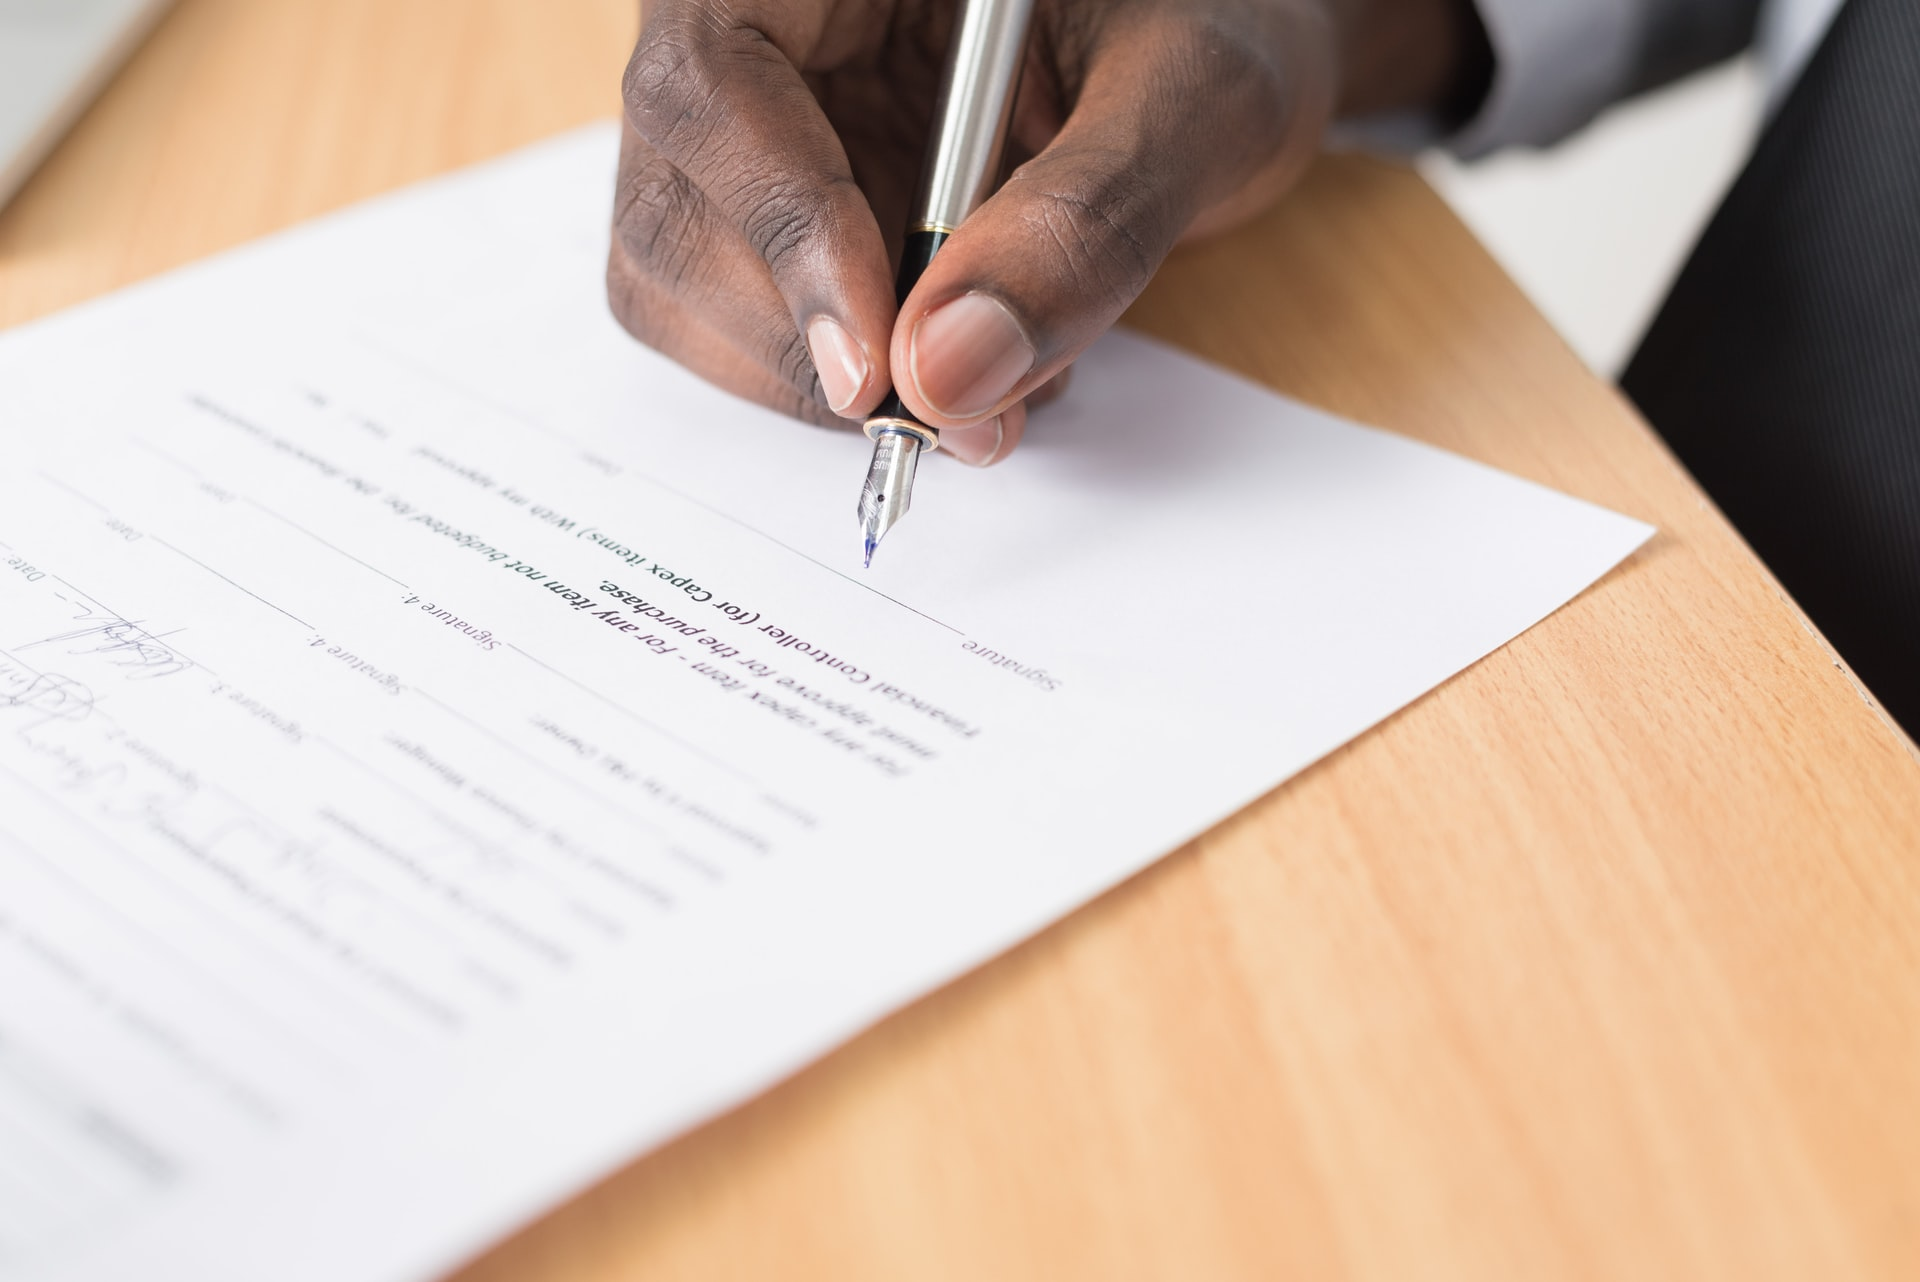 zatrudnienie na podstawie umowy zlecenia